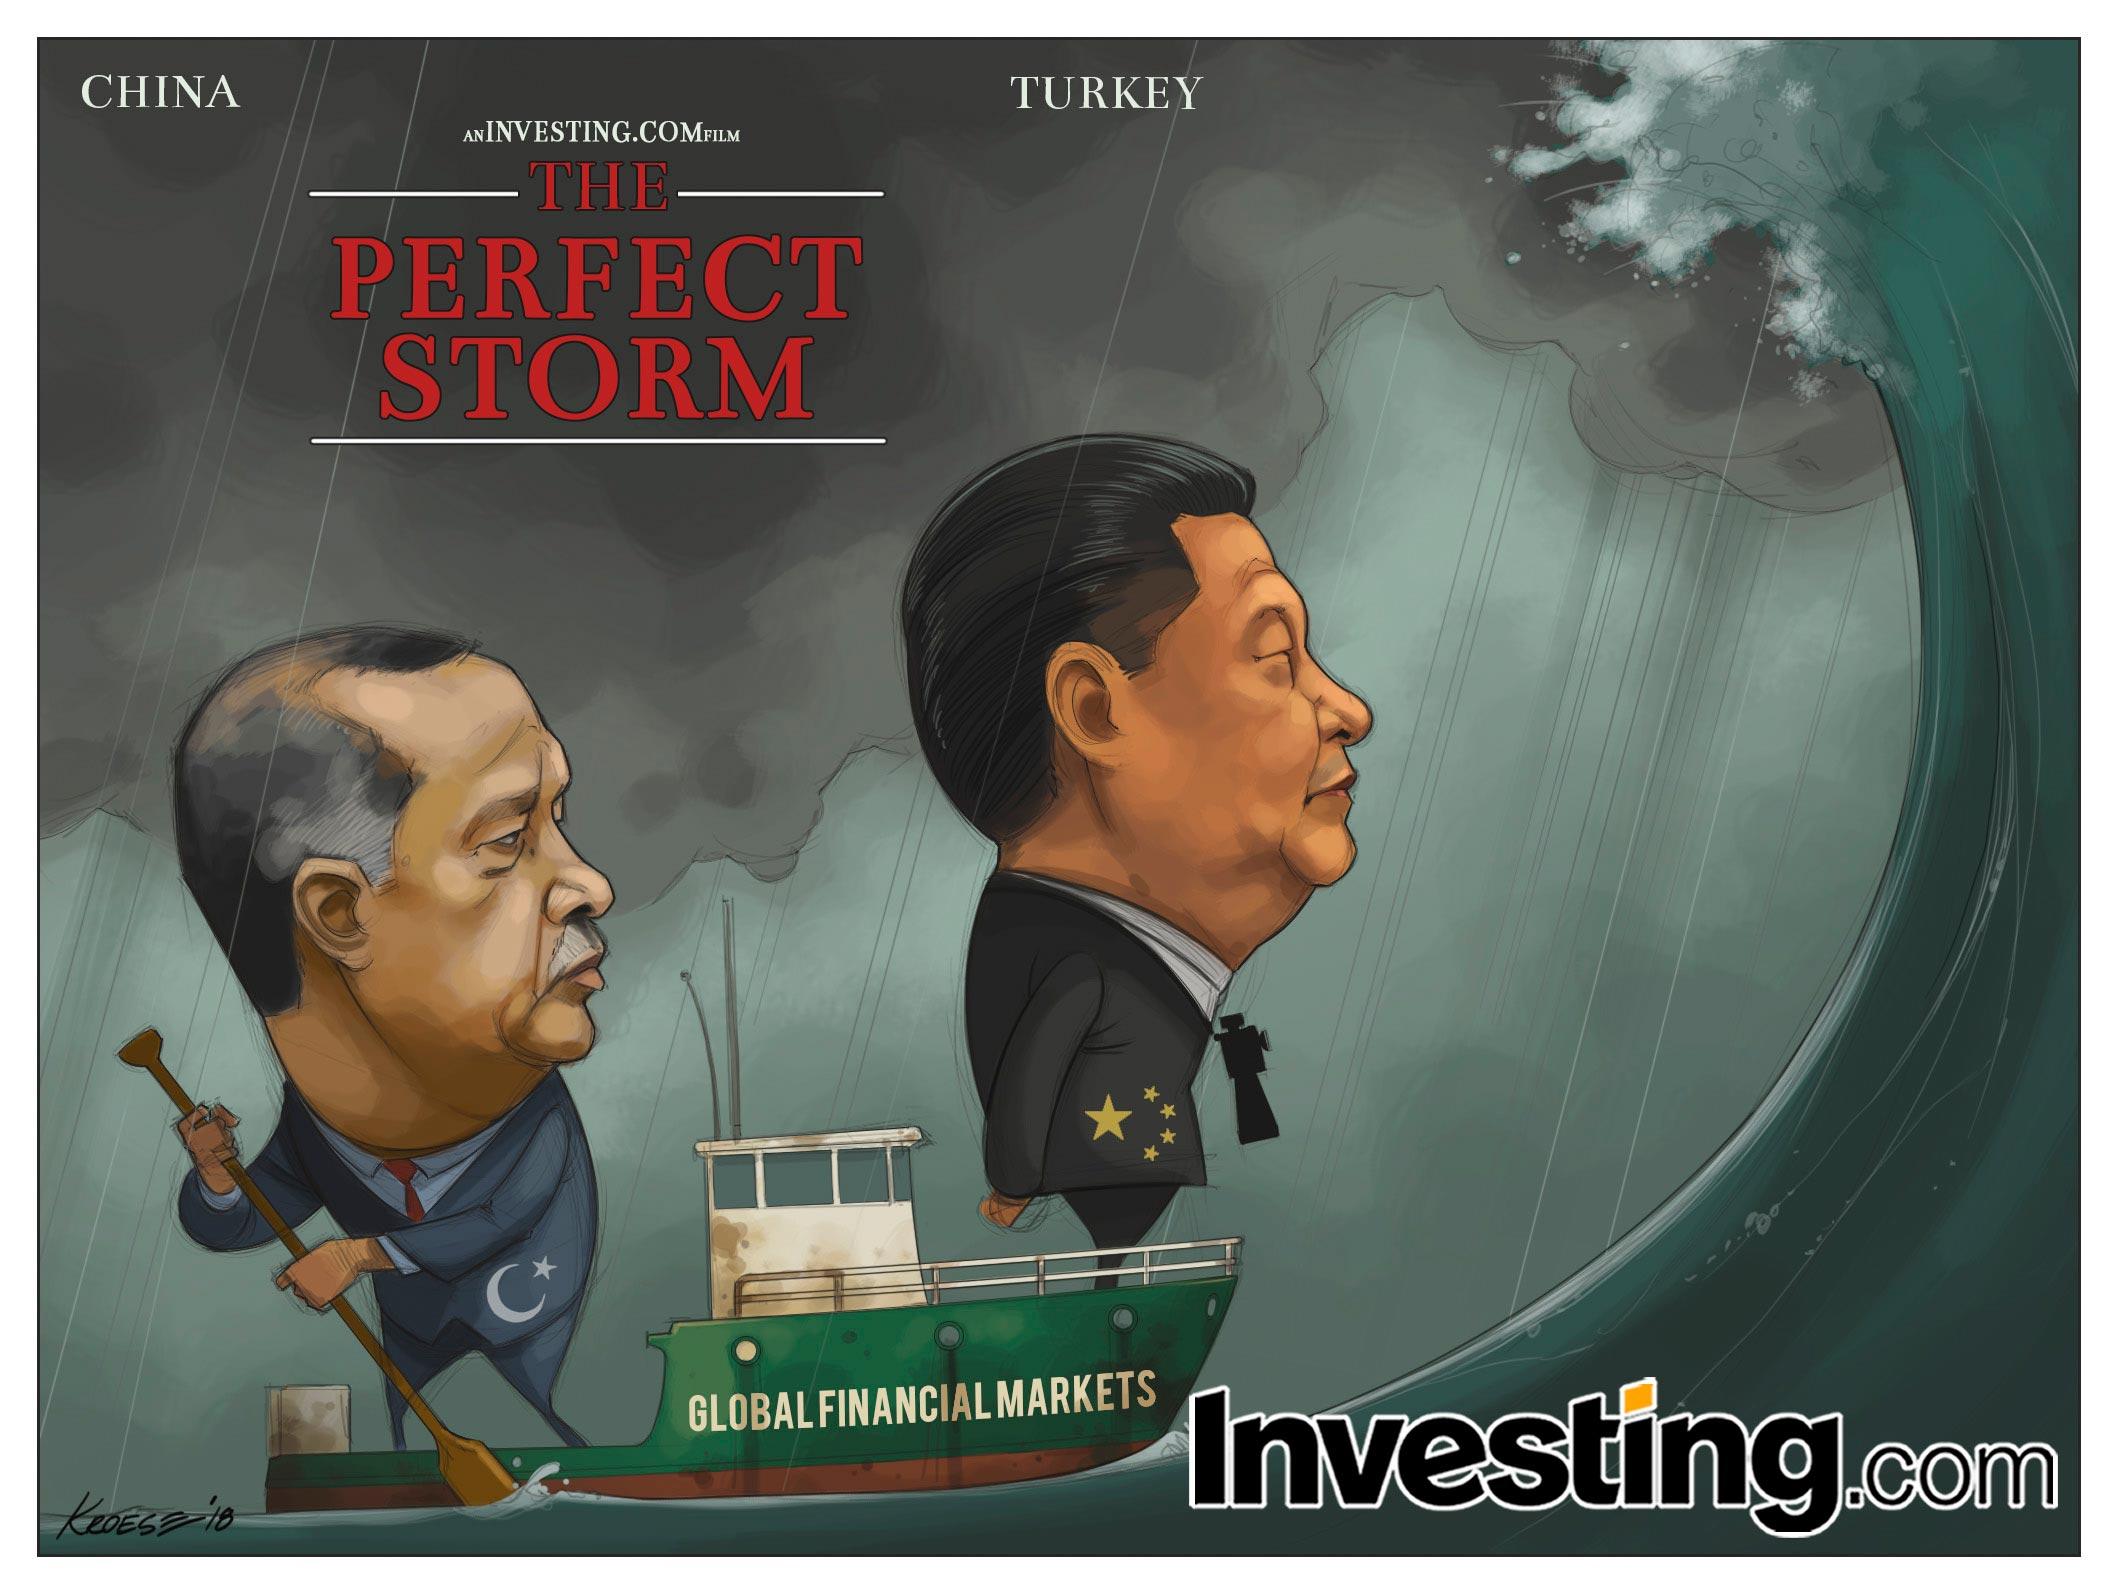 Uma 'Tempestade Perfeita' Está Se Formando com a Turbulência na China e Turquia?